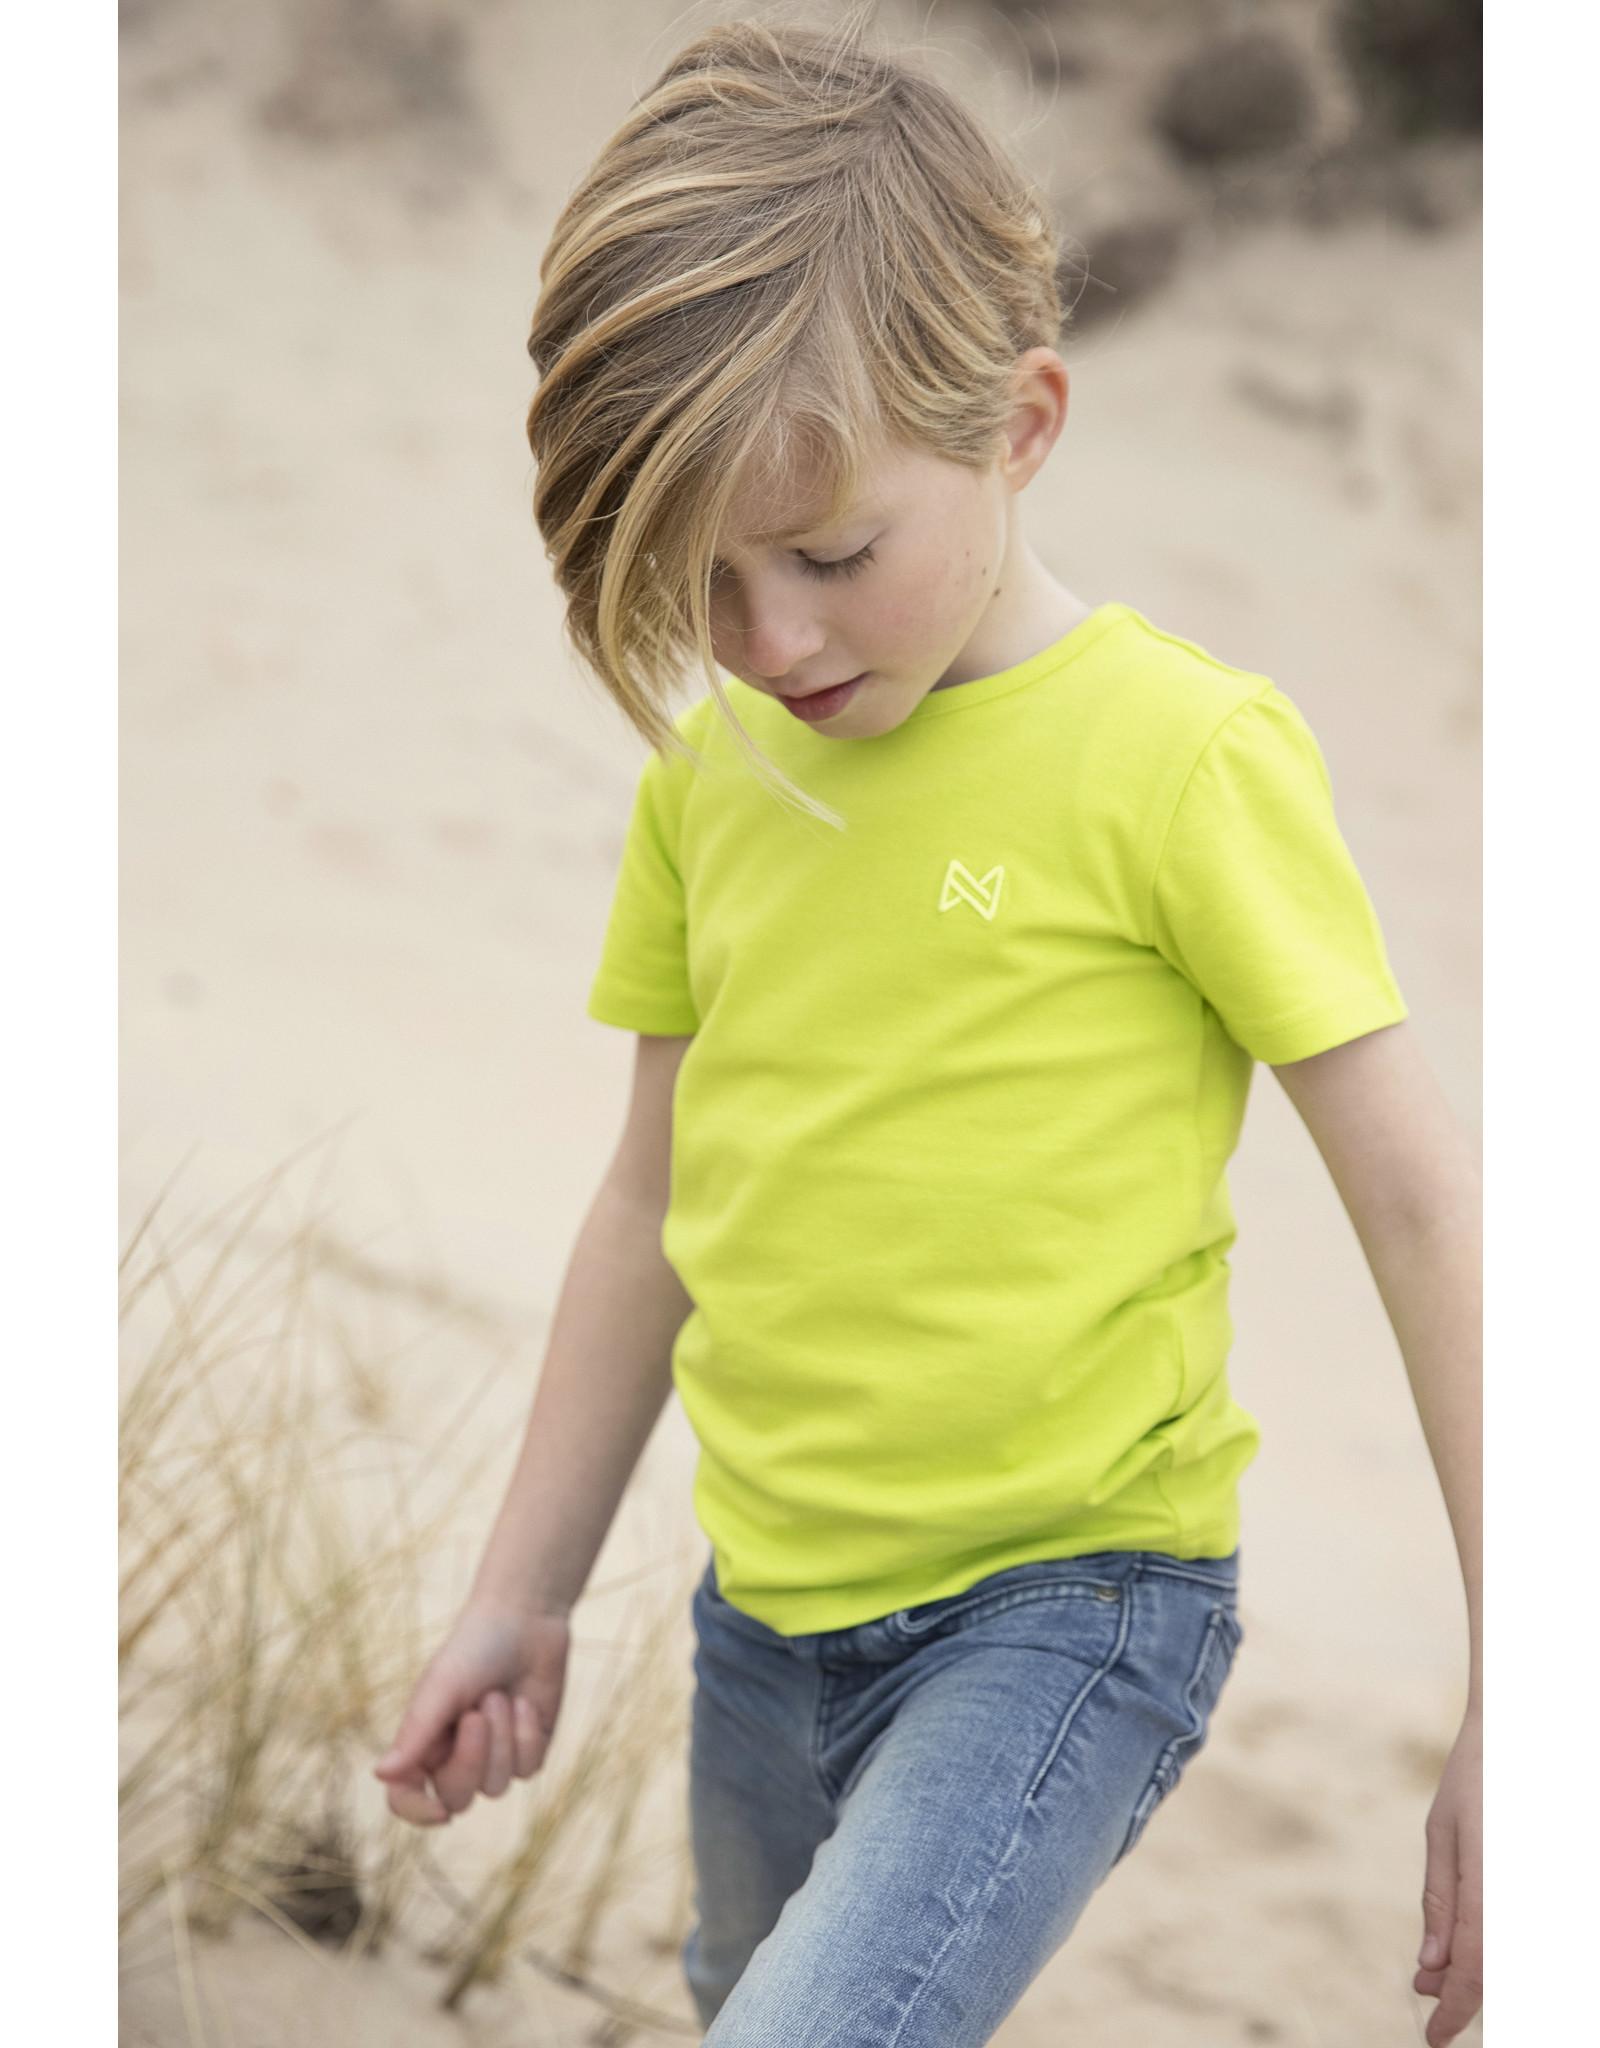 Koko Noko Boys Nigel -shirt ss Bio Cotton Neon yellow NOS